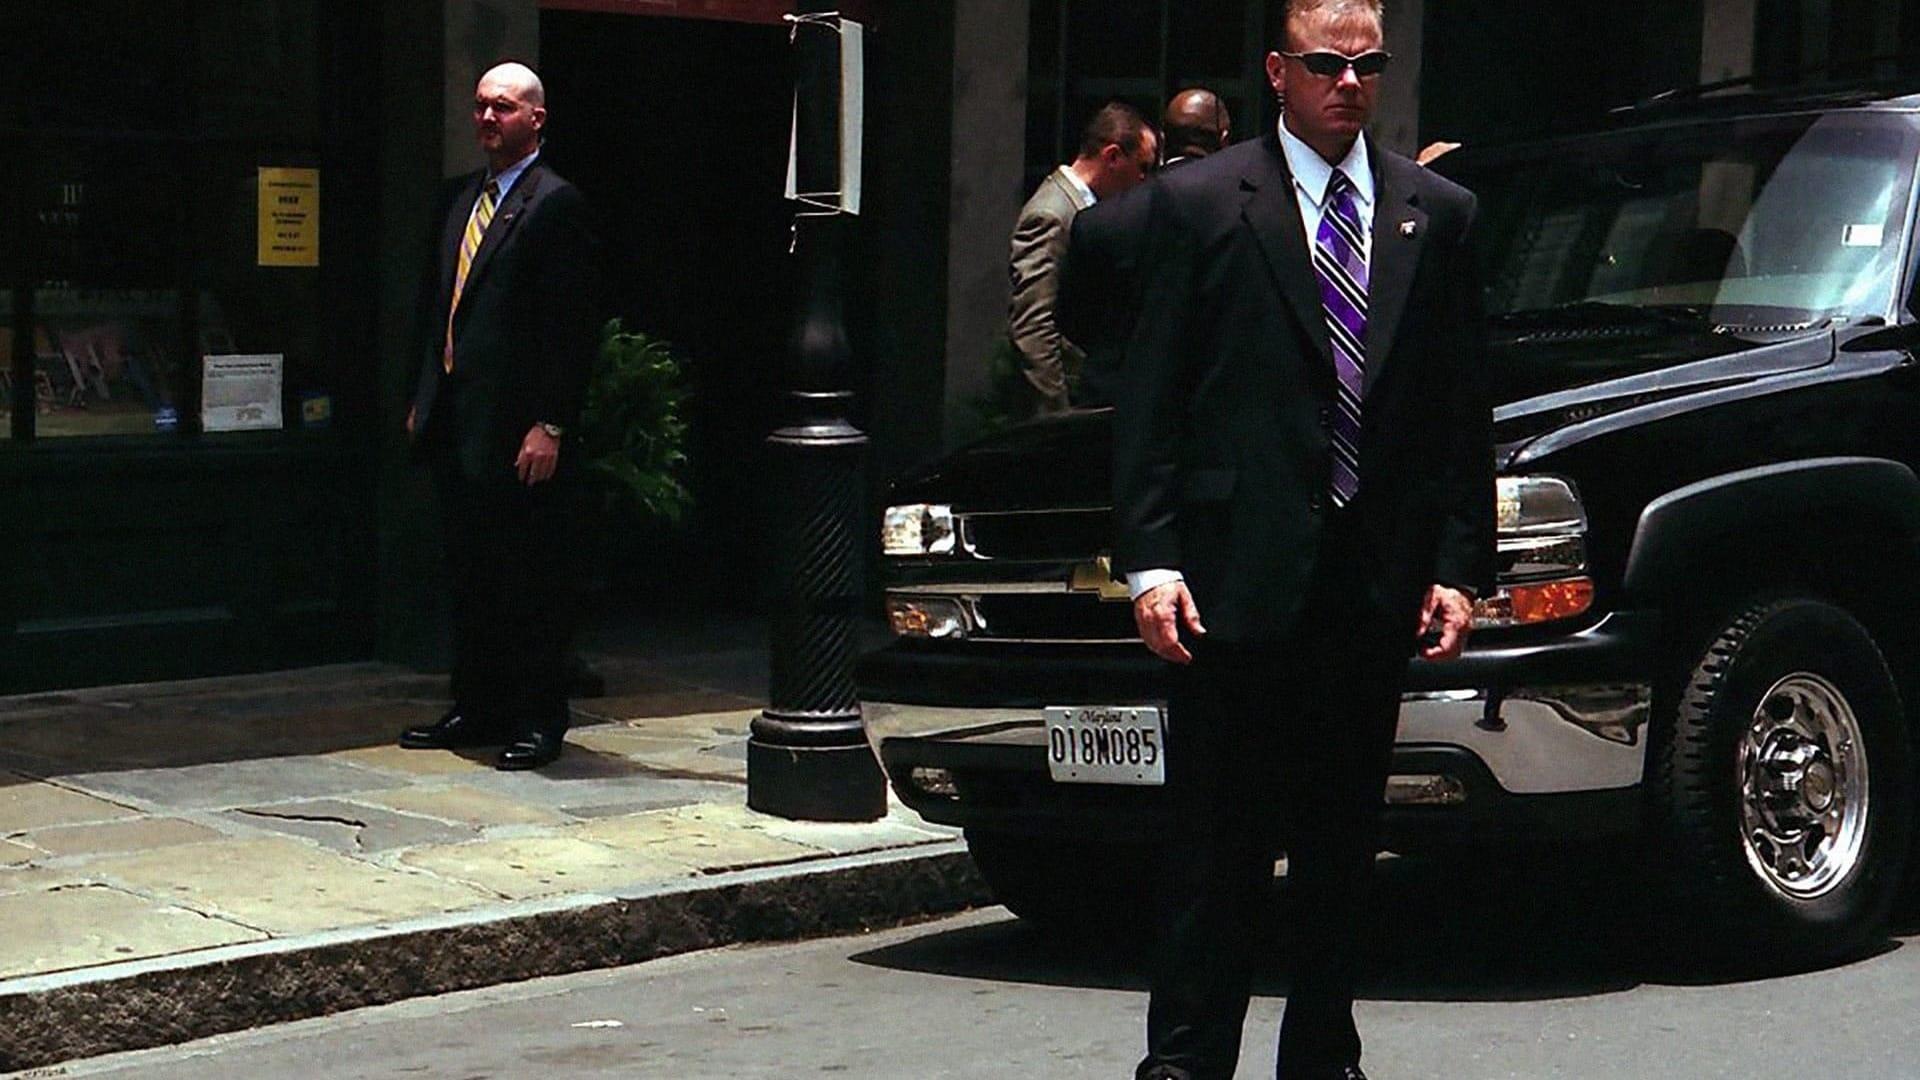 Servizi Sicurezza Italia Poviglio i migliori 16 bodyguards a modena (con preventivi gratuiti)